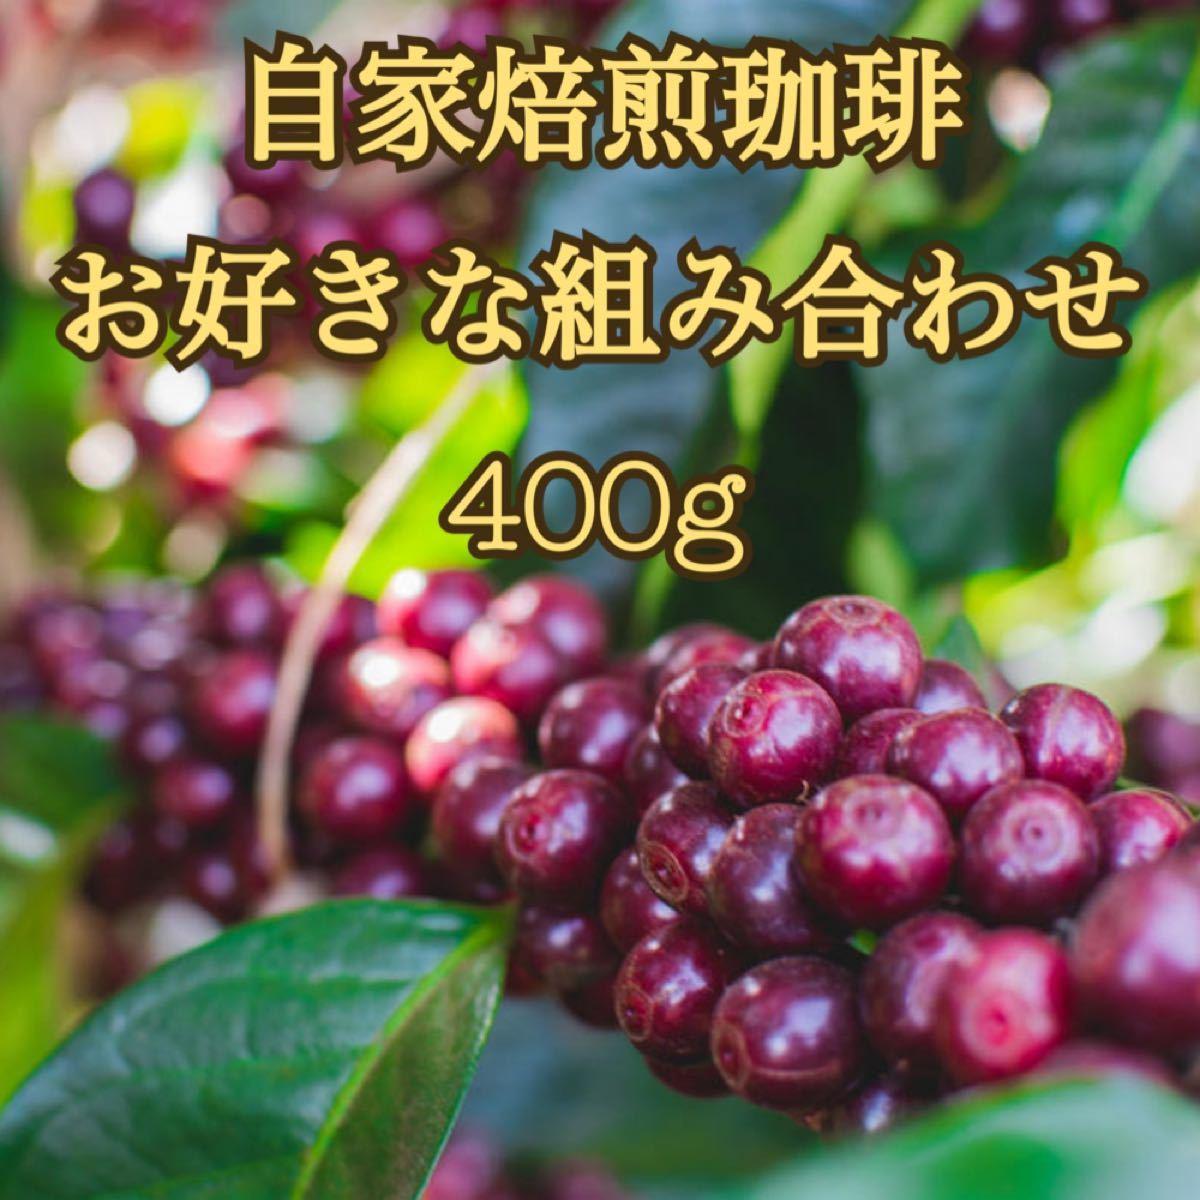 コーヒー豆 400g  お好きな組み合わせ 自家焙煎珈琲